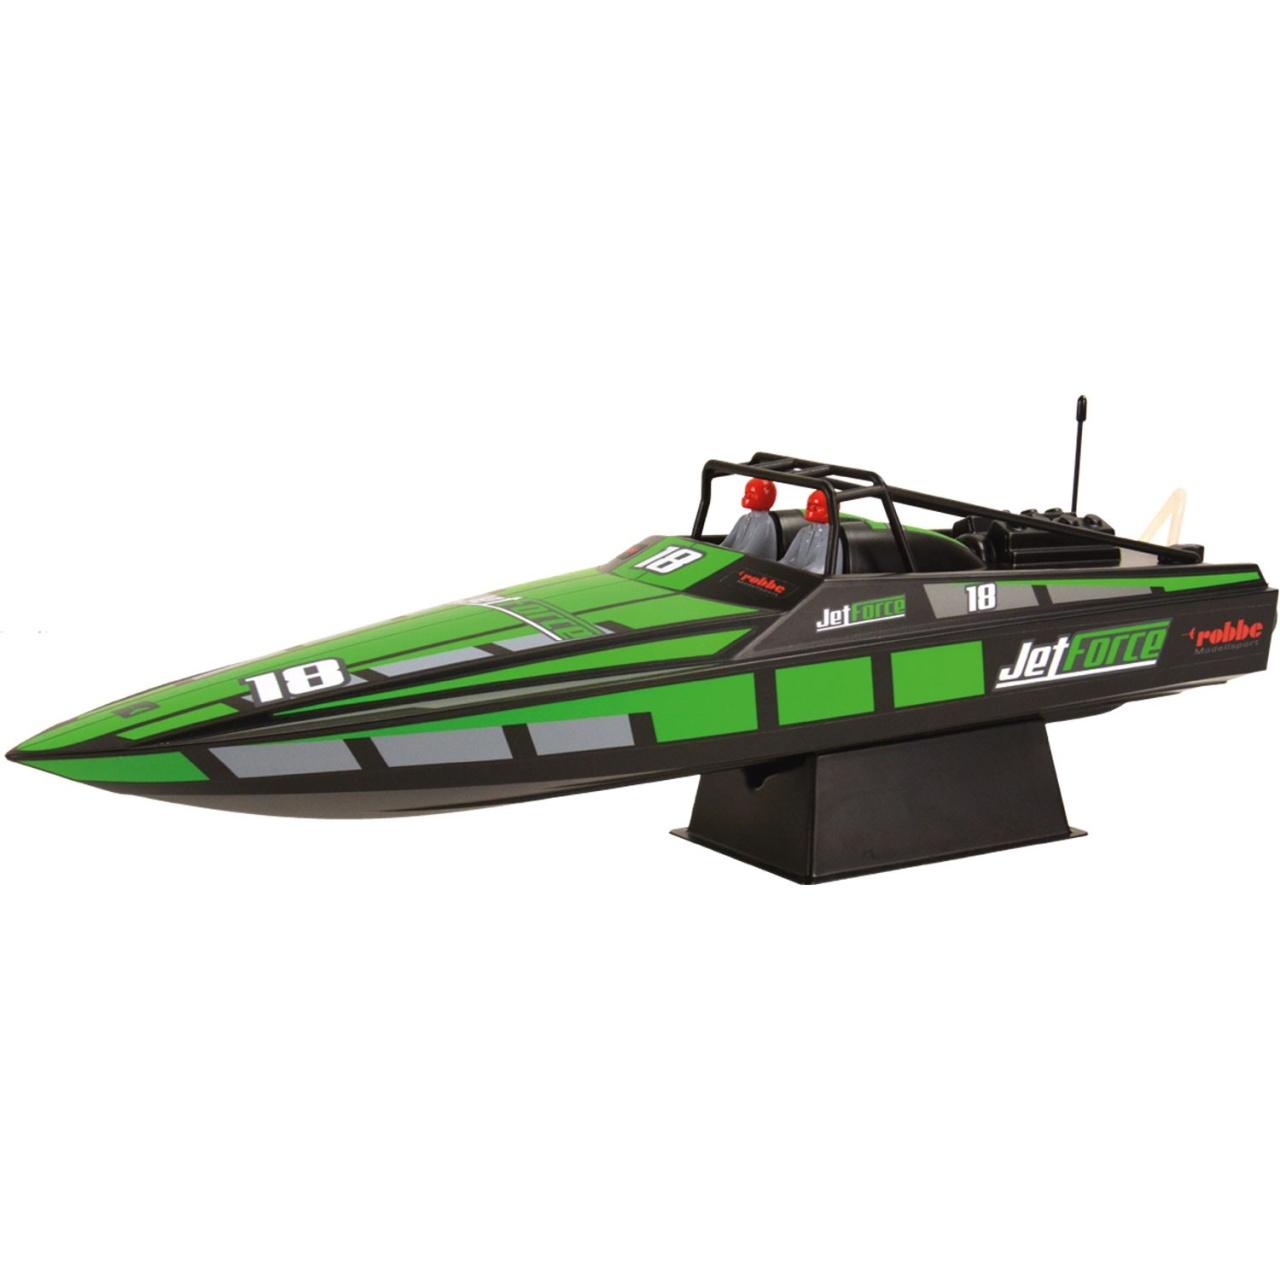 Jet Force Race Boat 1:6 ARTR 2. Wahl